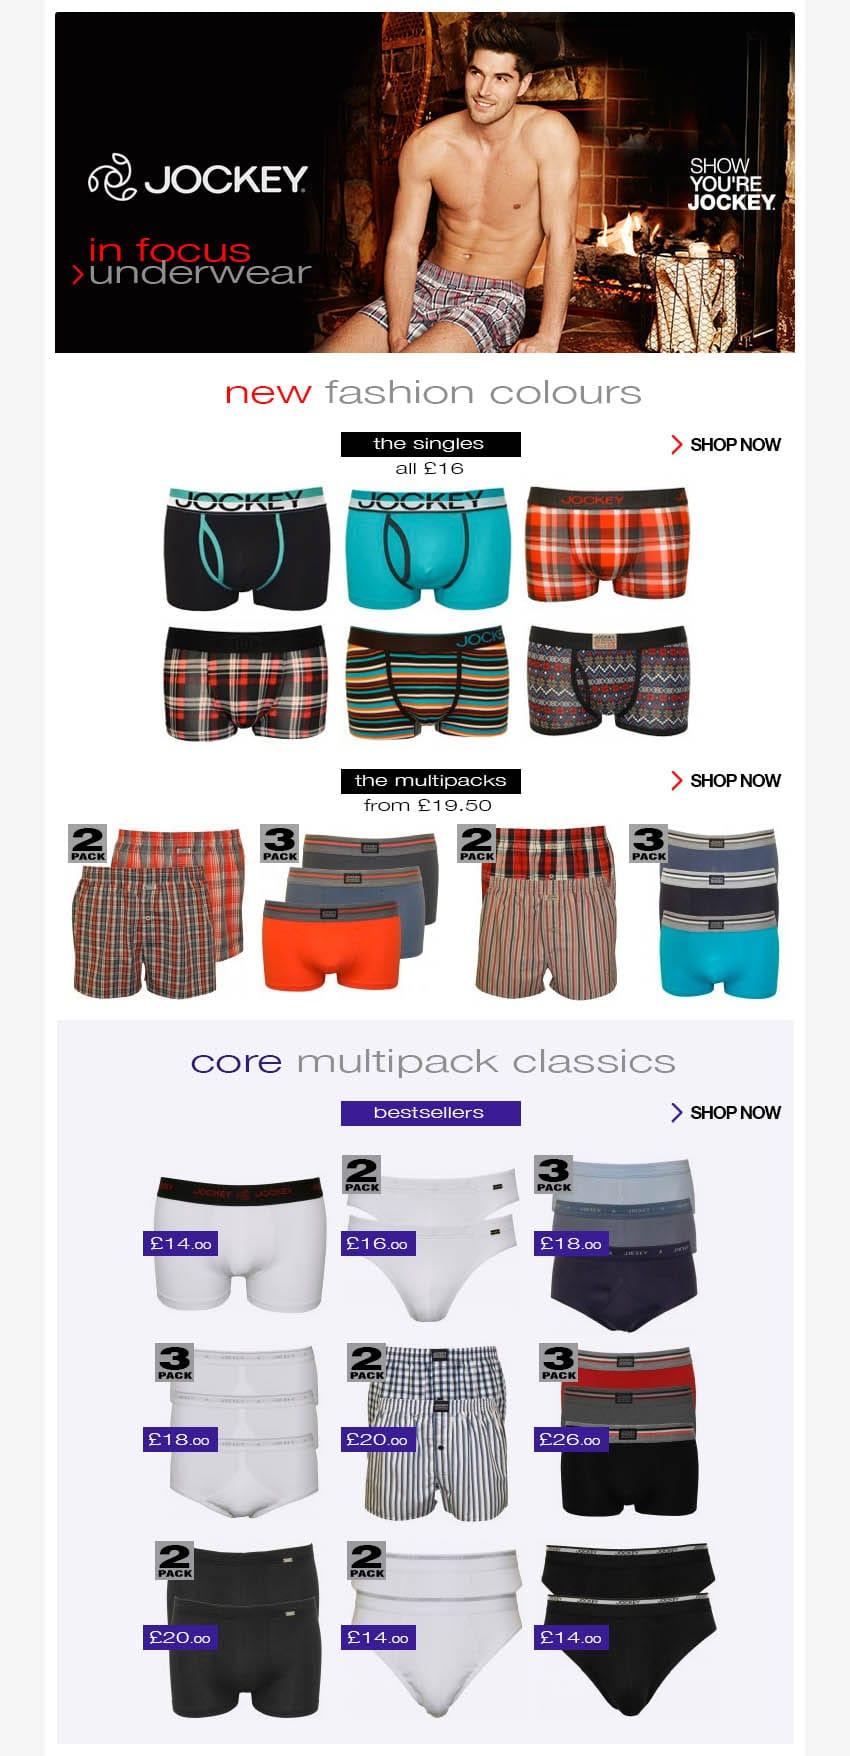 Jockey underwear SS15 Collection in focus | UnderU